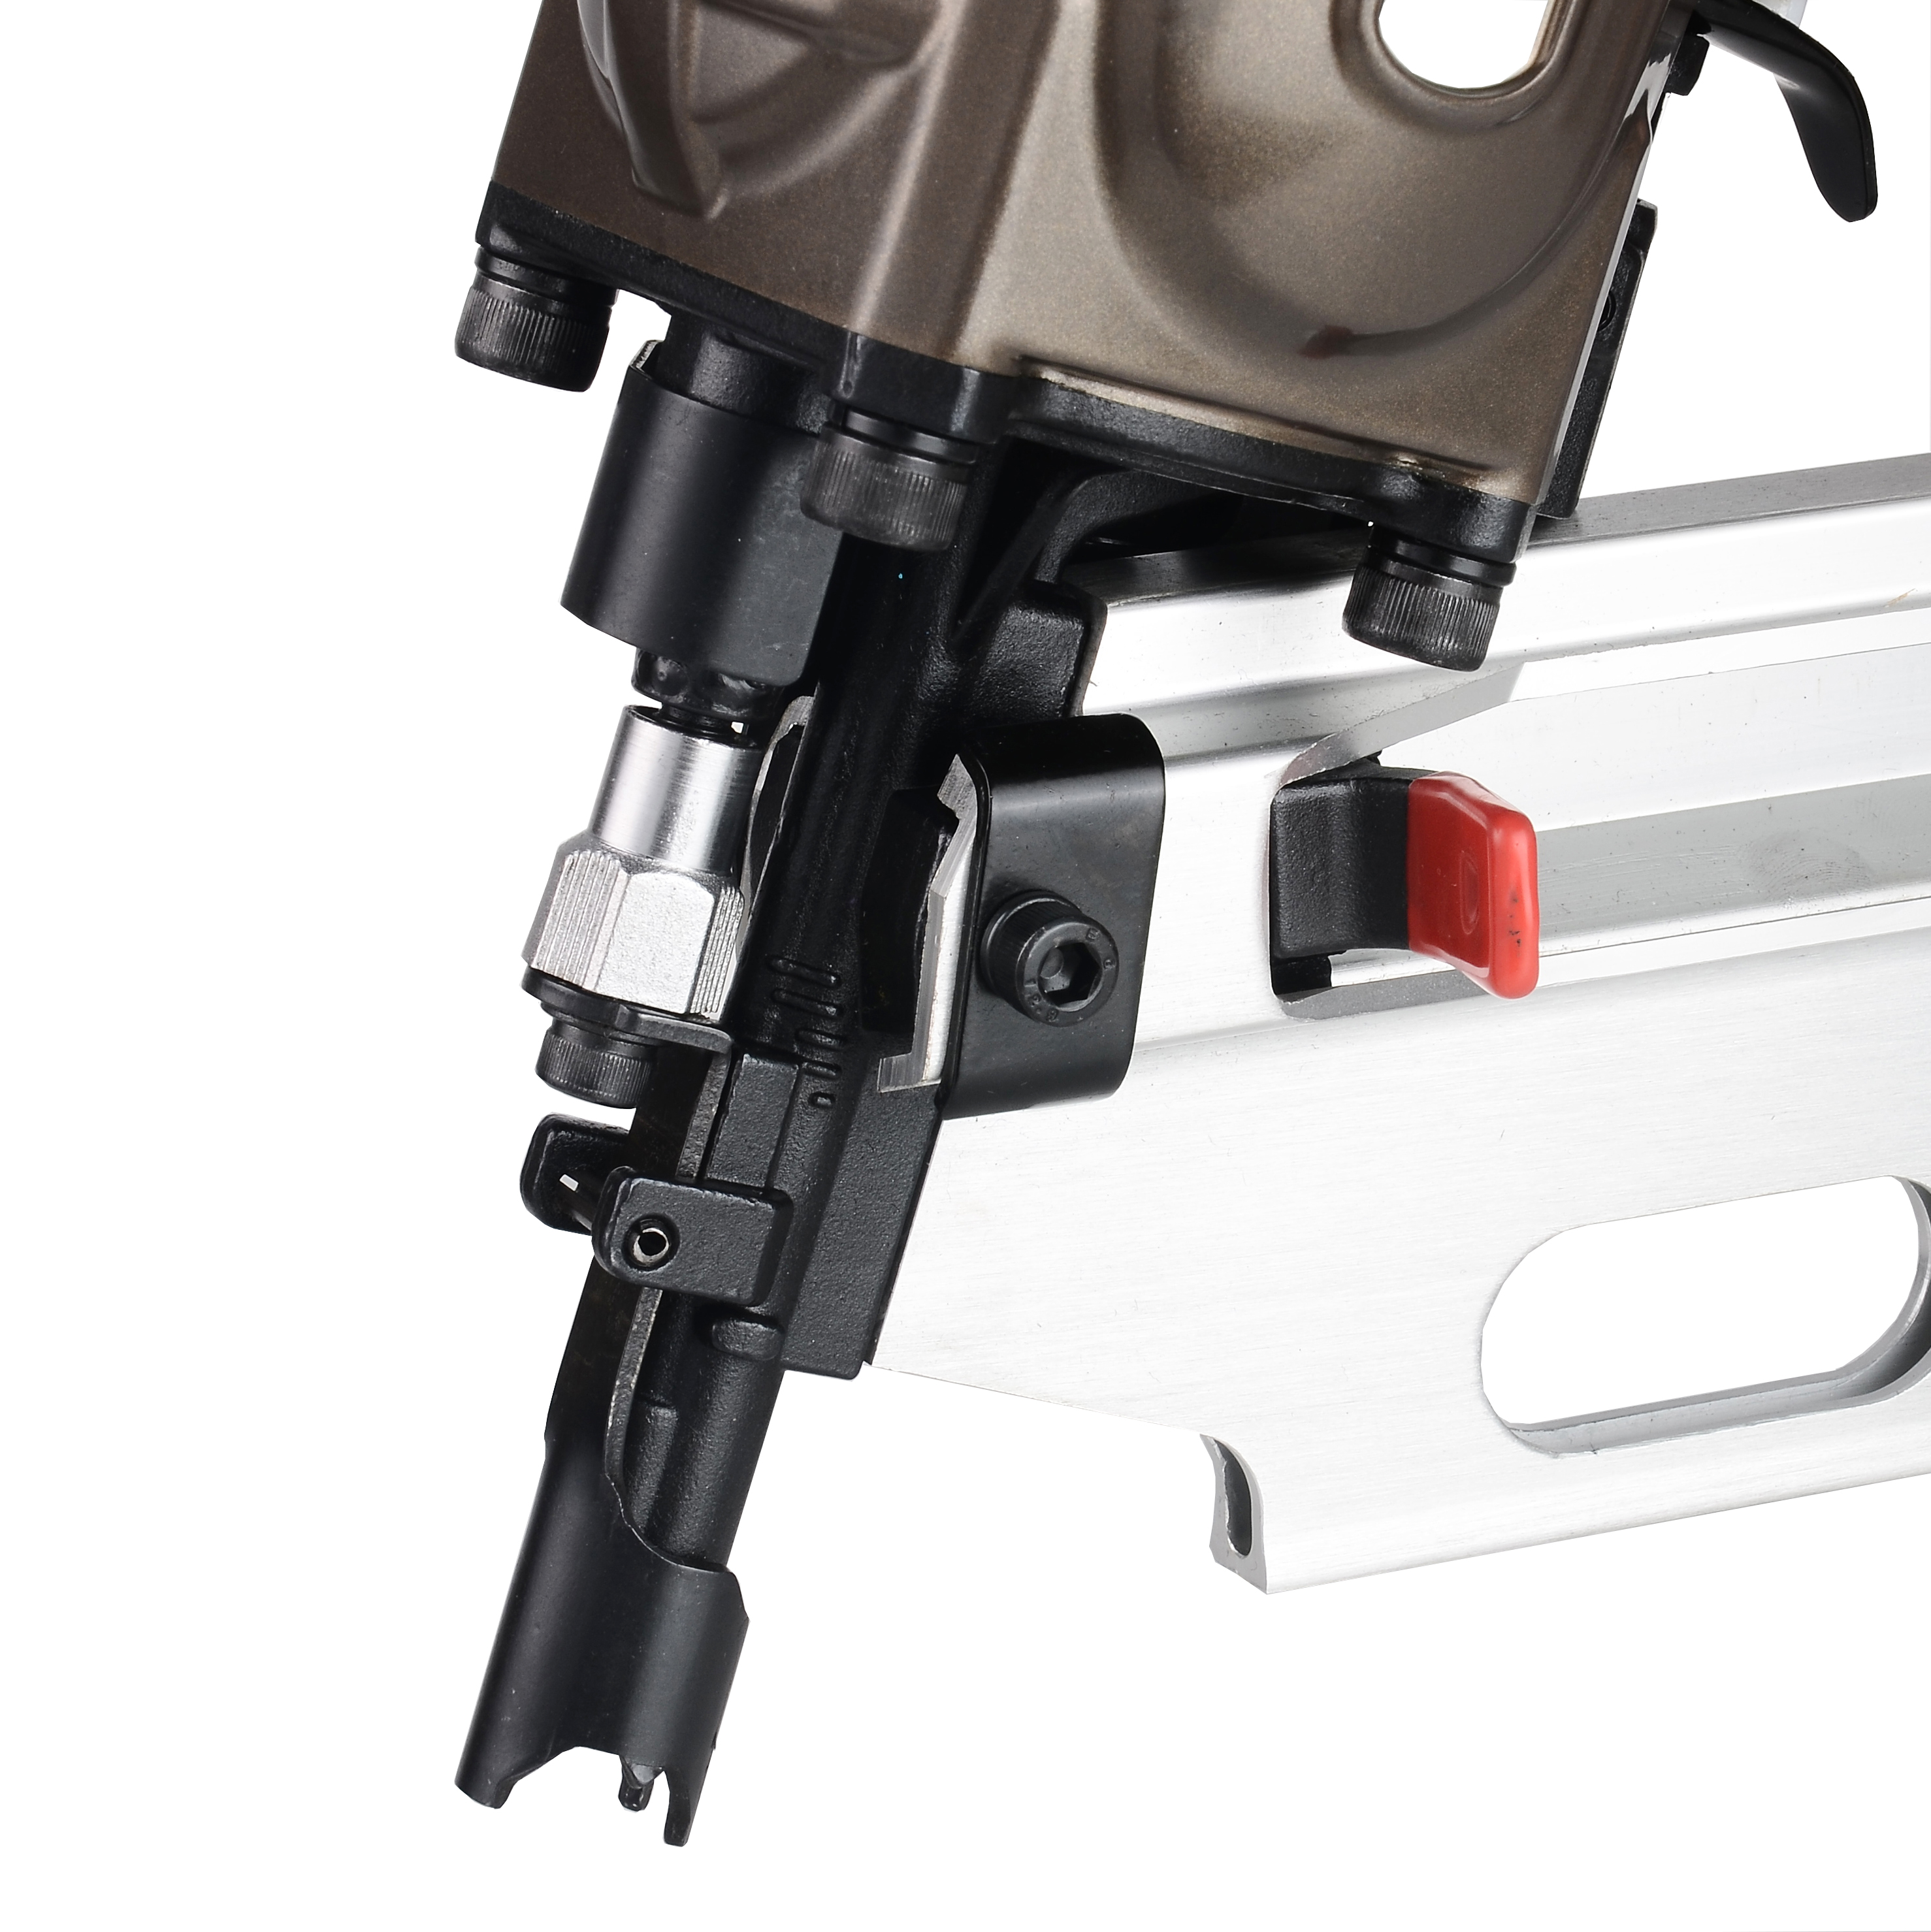 Carpenter 21 Degree Full Head Framing Nailer Home Improvement Hand ...